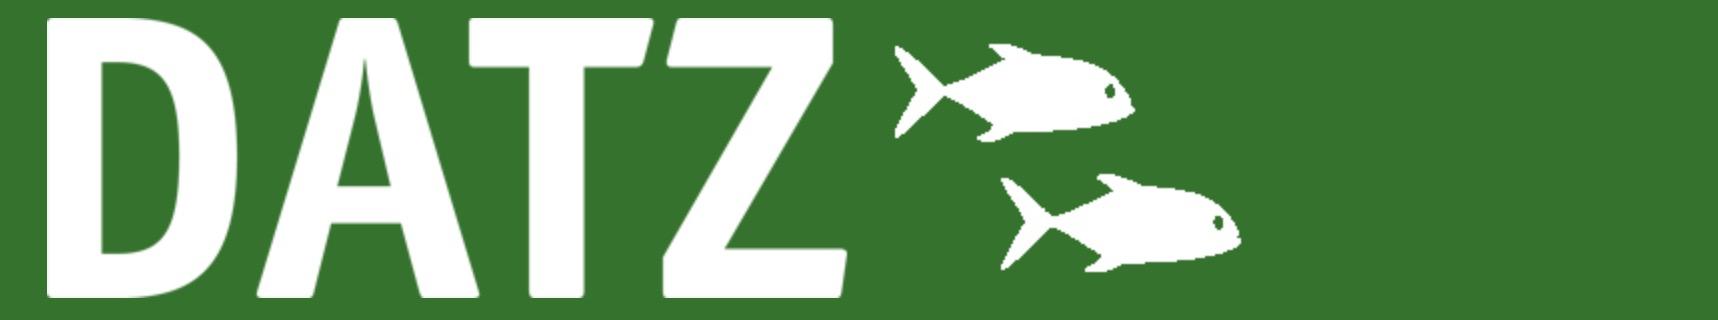 https://wiki2.benecke.com/images/2/21/Datz_logo.jpg